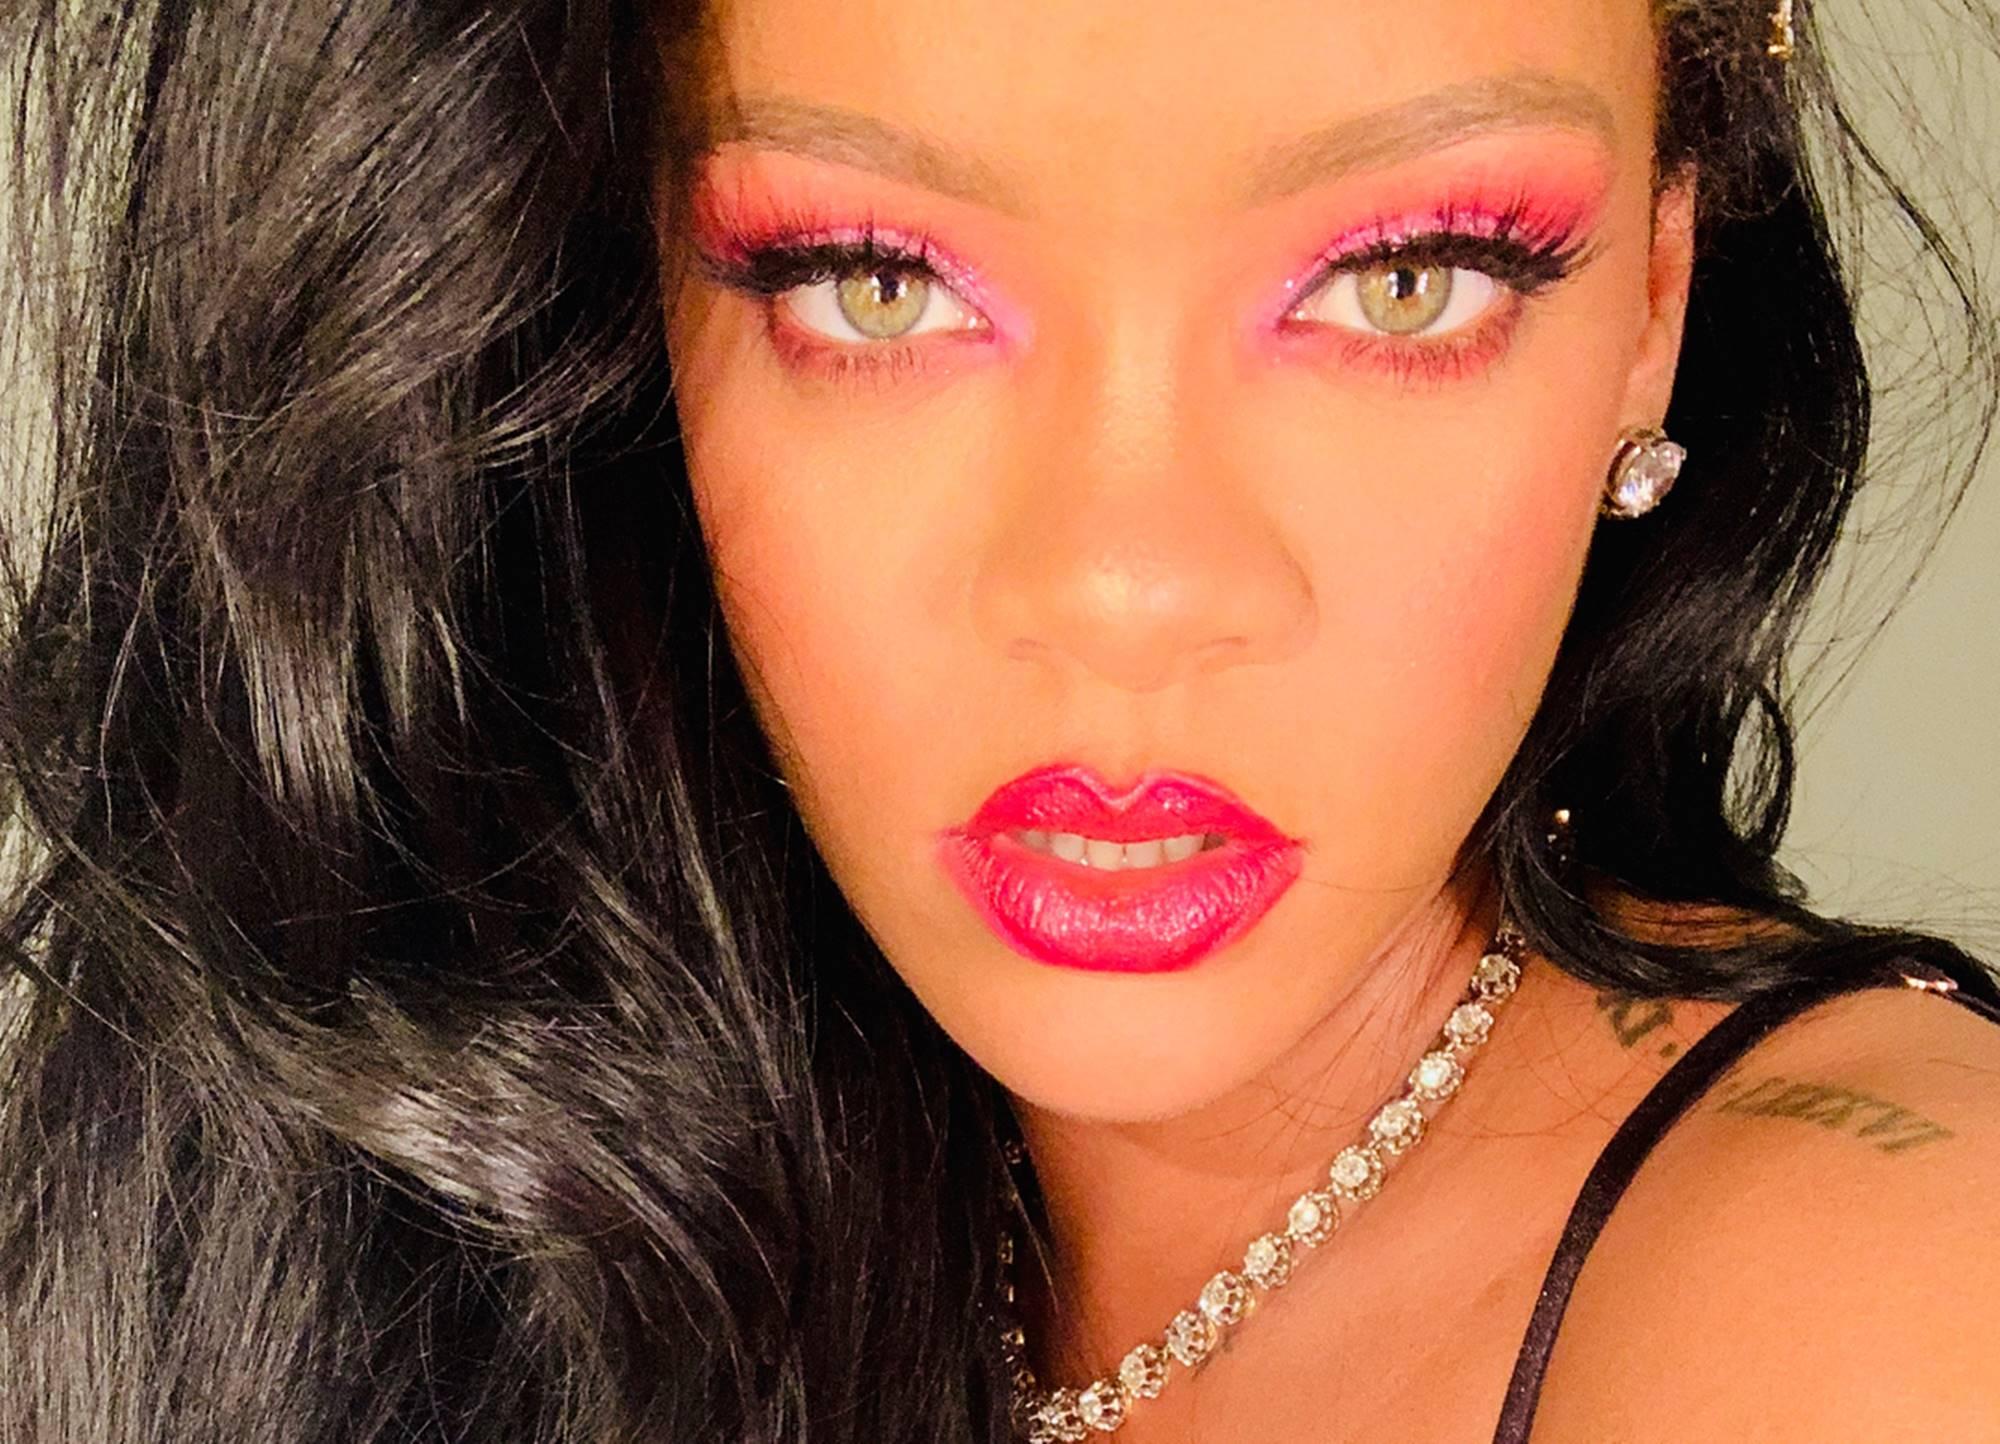 Rihanna Chris Brown Hassan Jameel Thirst